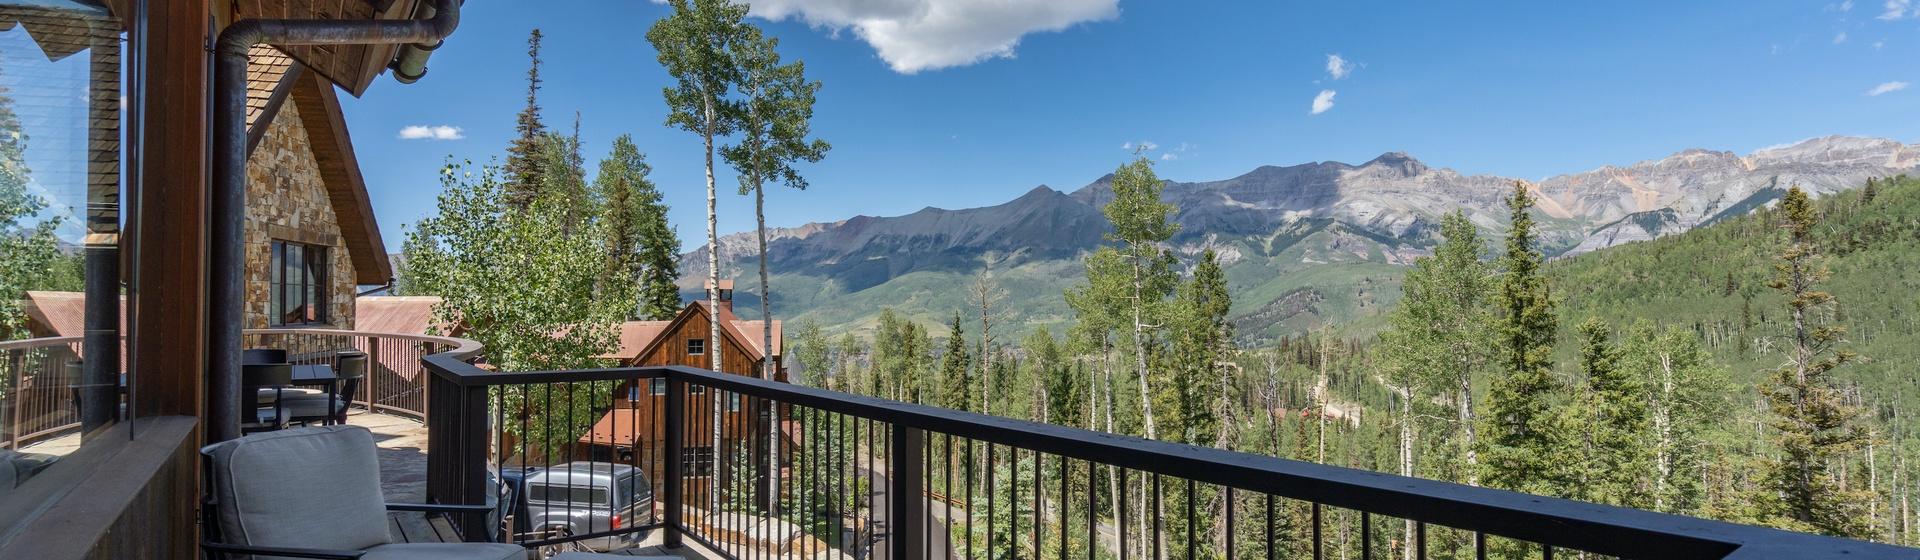 10-Mountain-Village-Birch-Cassidy-Outdoor-Deck